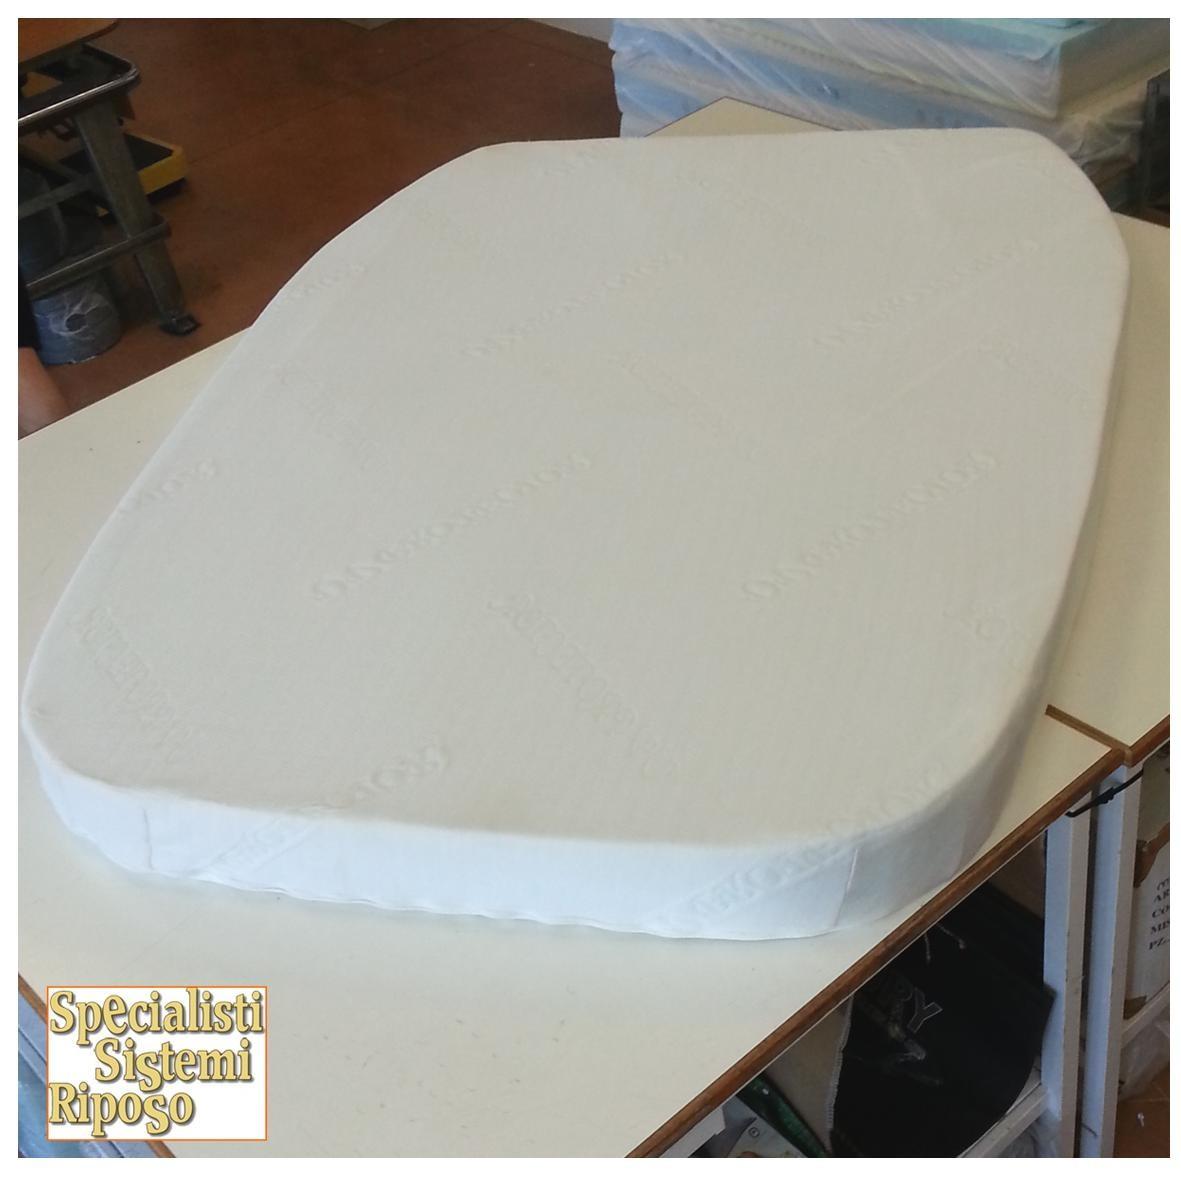 Materasso Pieghevole Per Divano Letto Ikea.Ikea Materassi Divano Letto Amazing Latest Divano Letto Sofa Bed